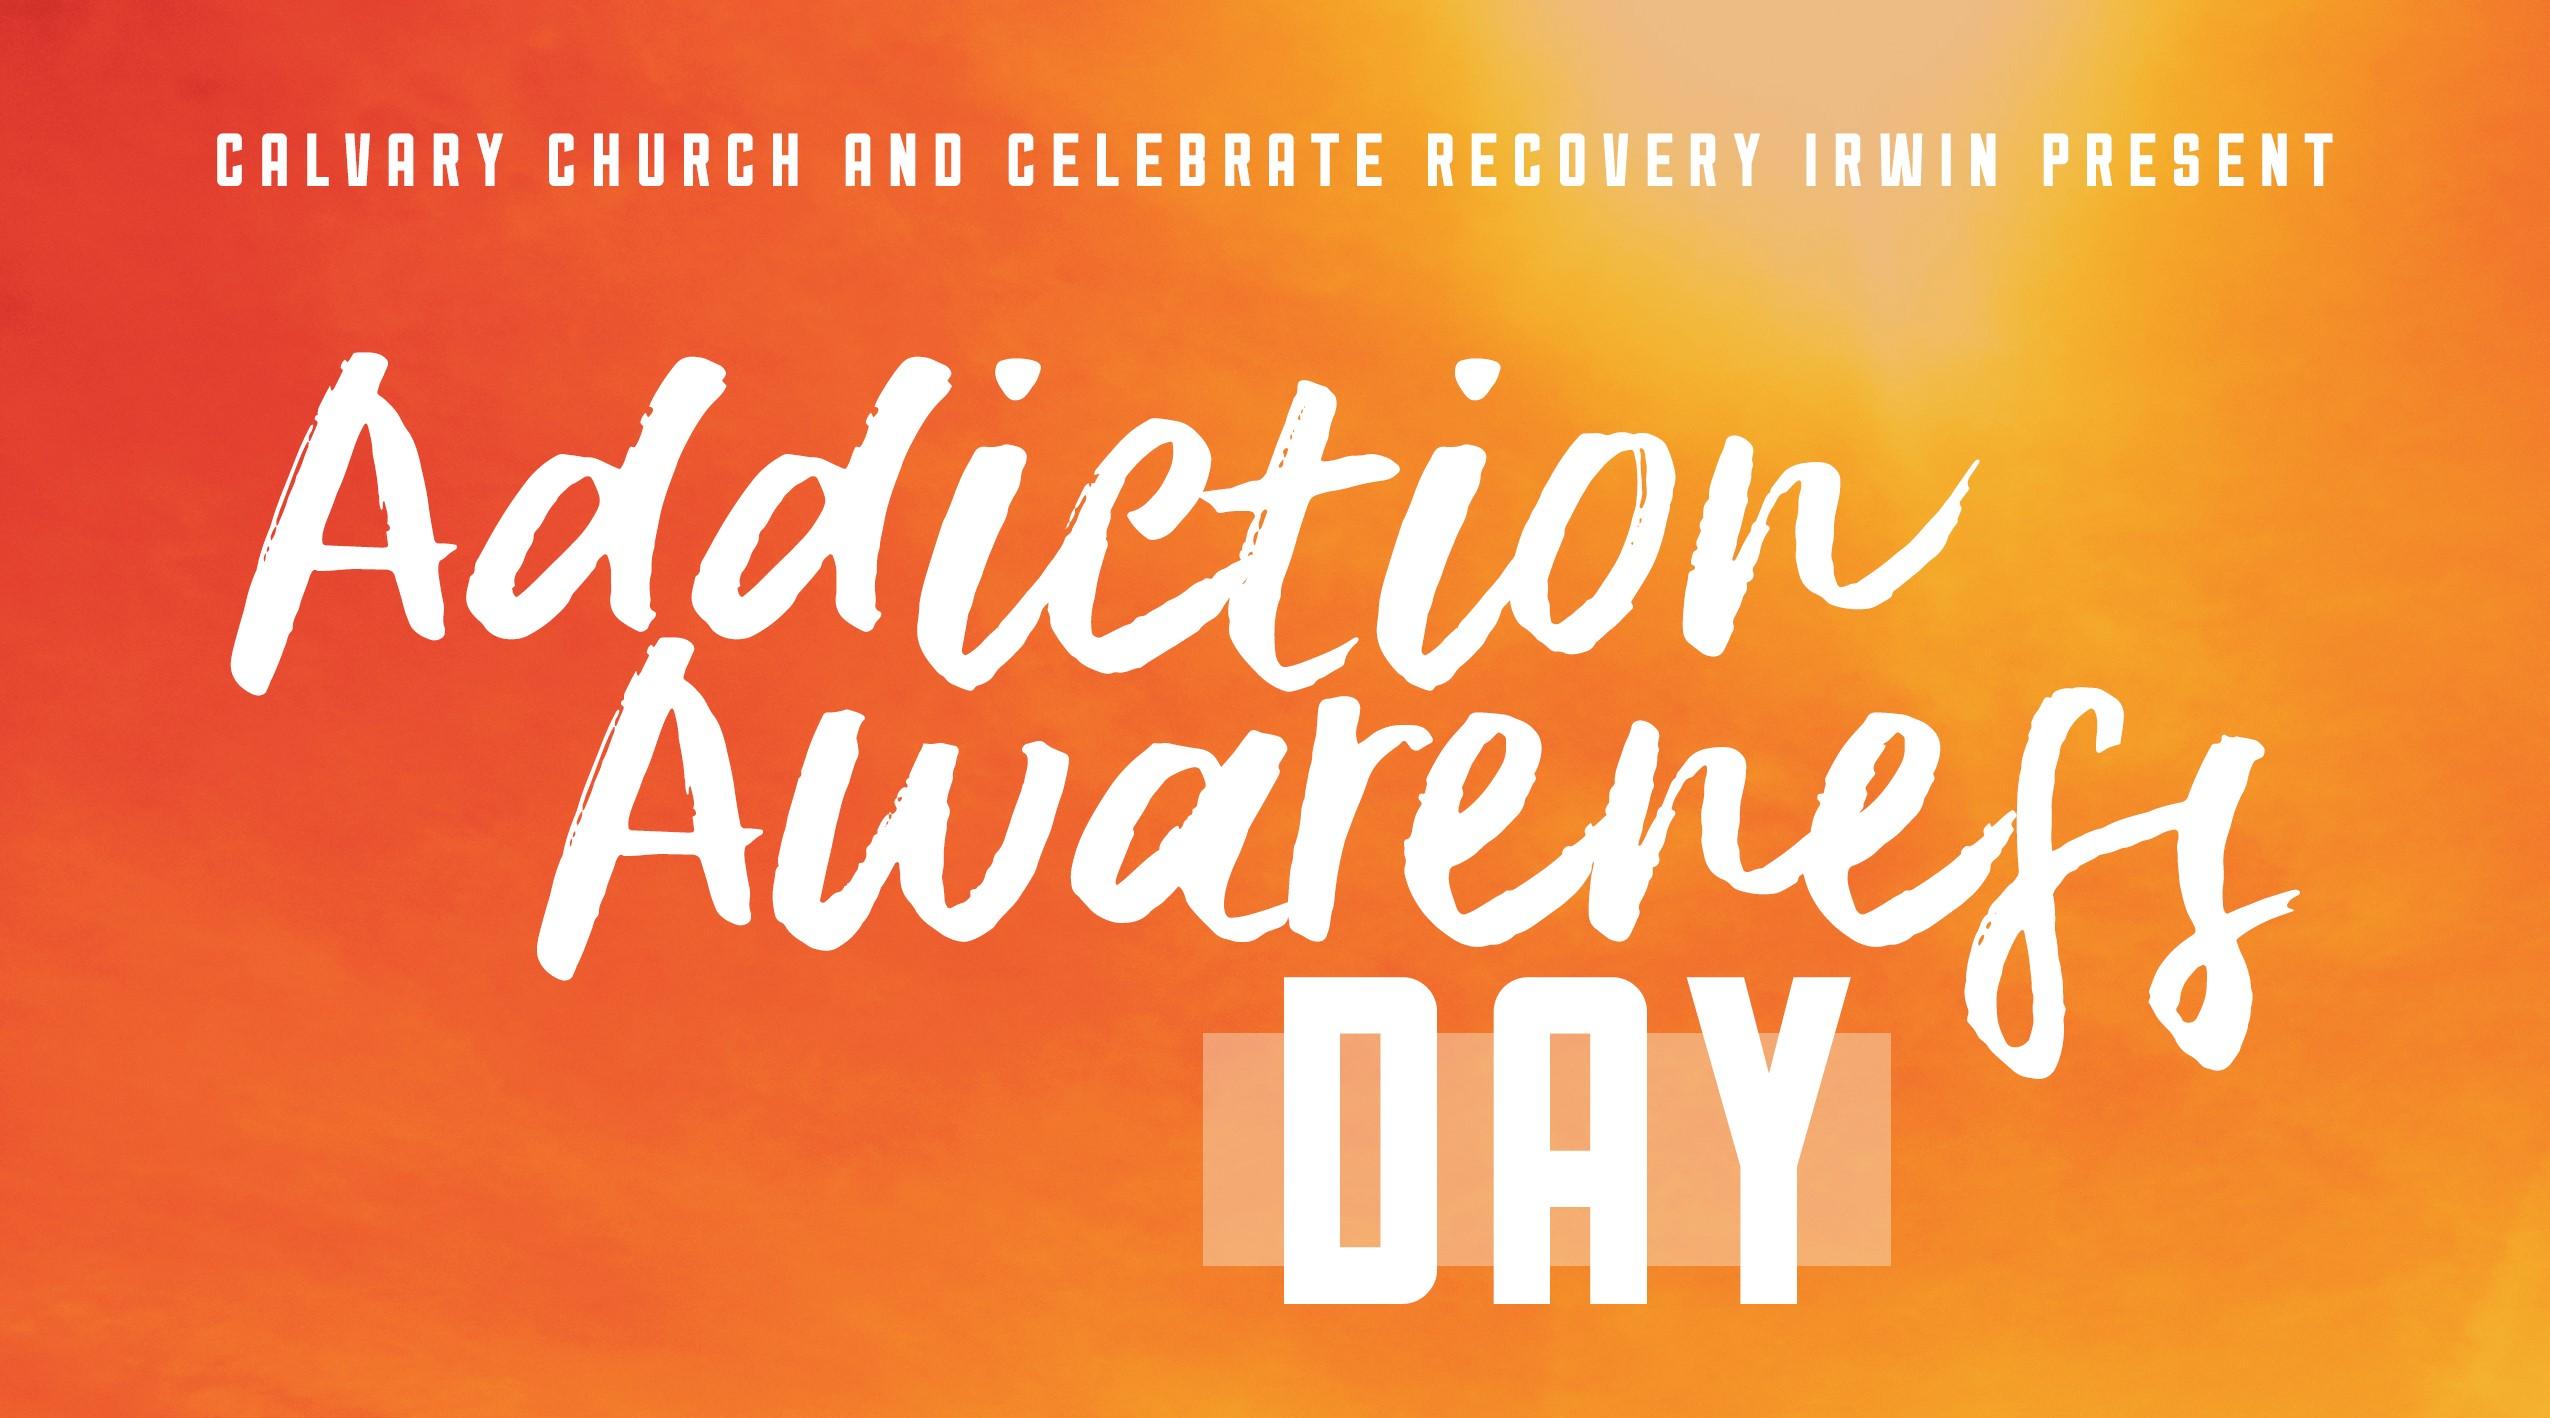 Addiction awareness 1